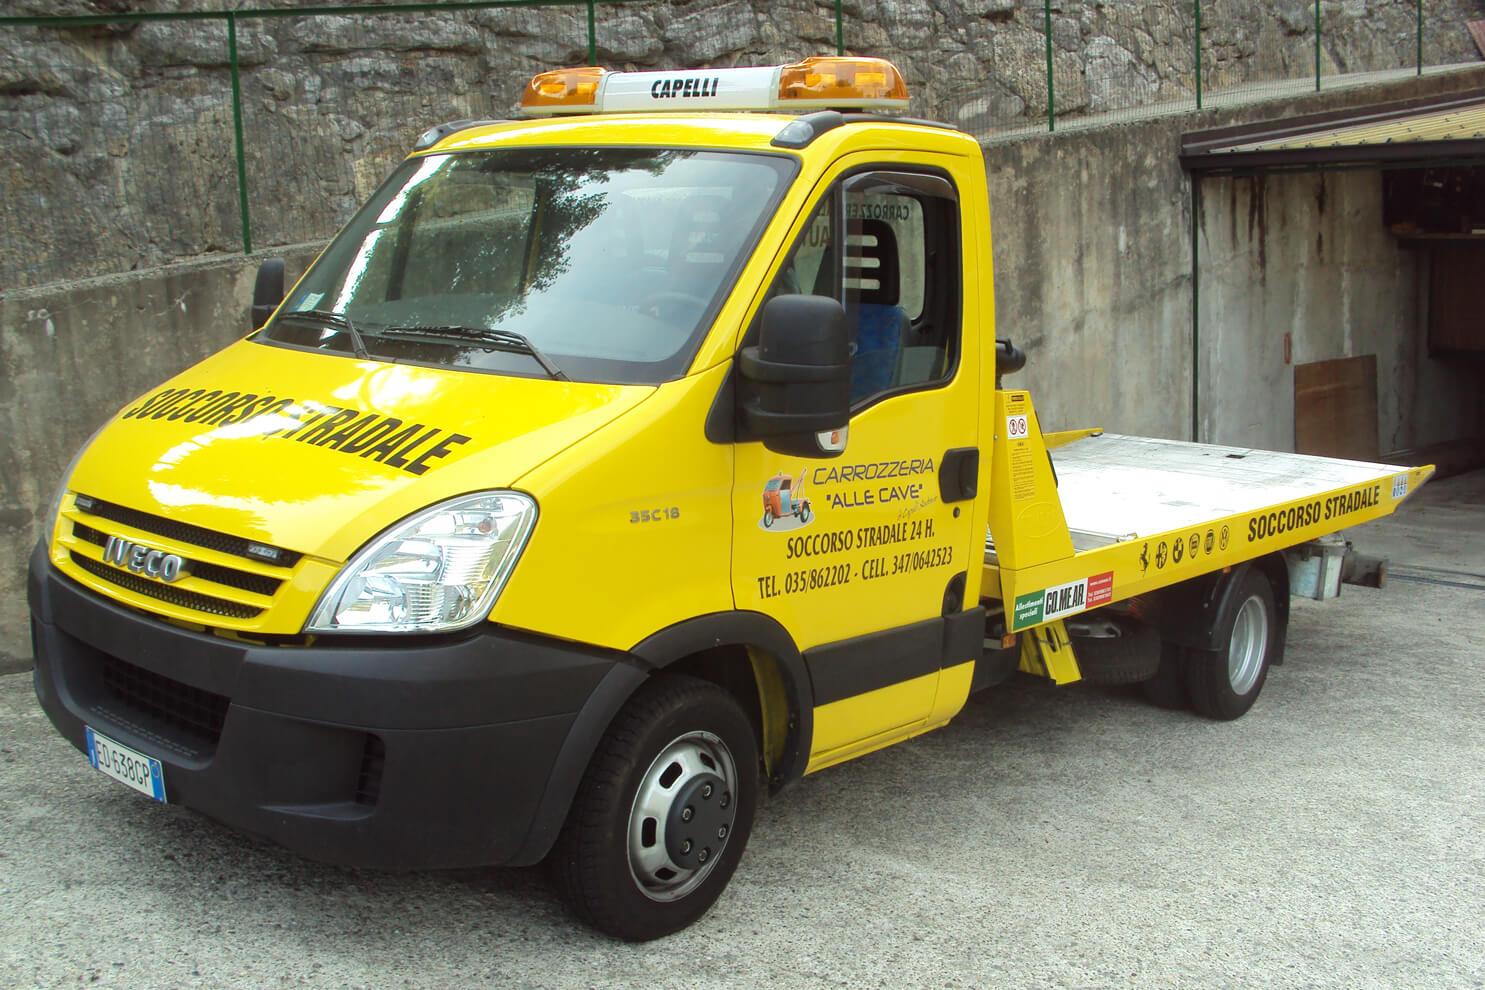 soccorso stradale con carroattrezzi a Bergamo